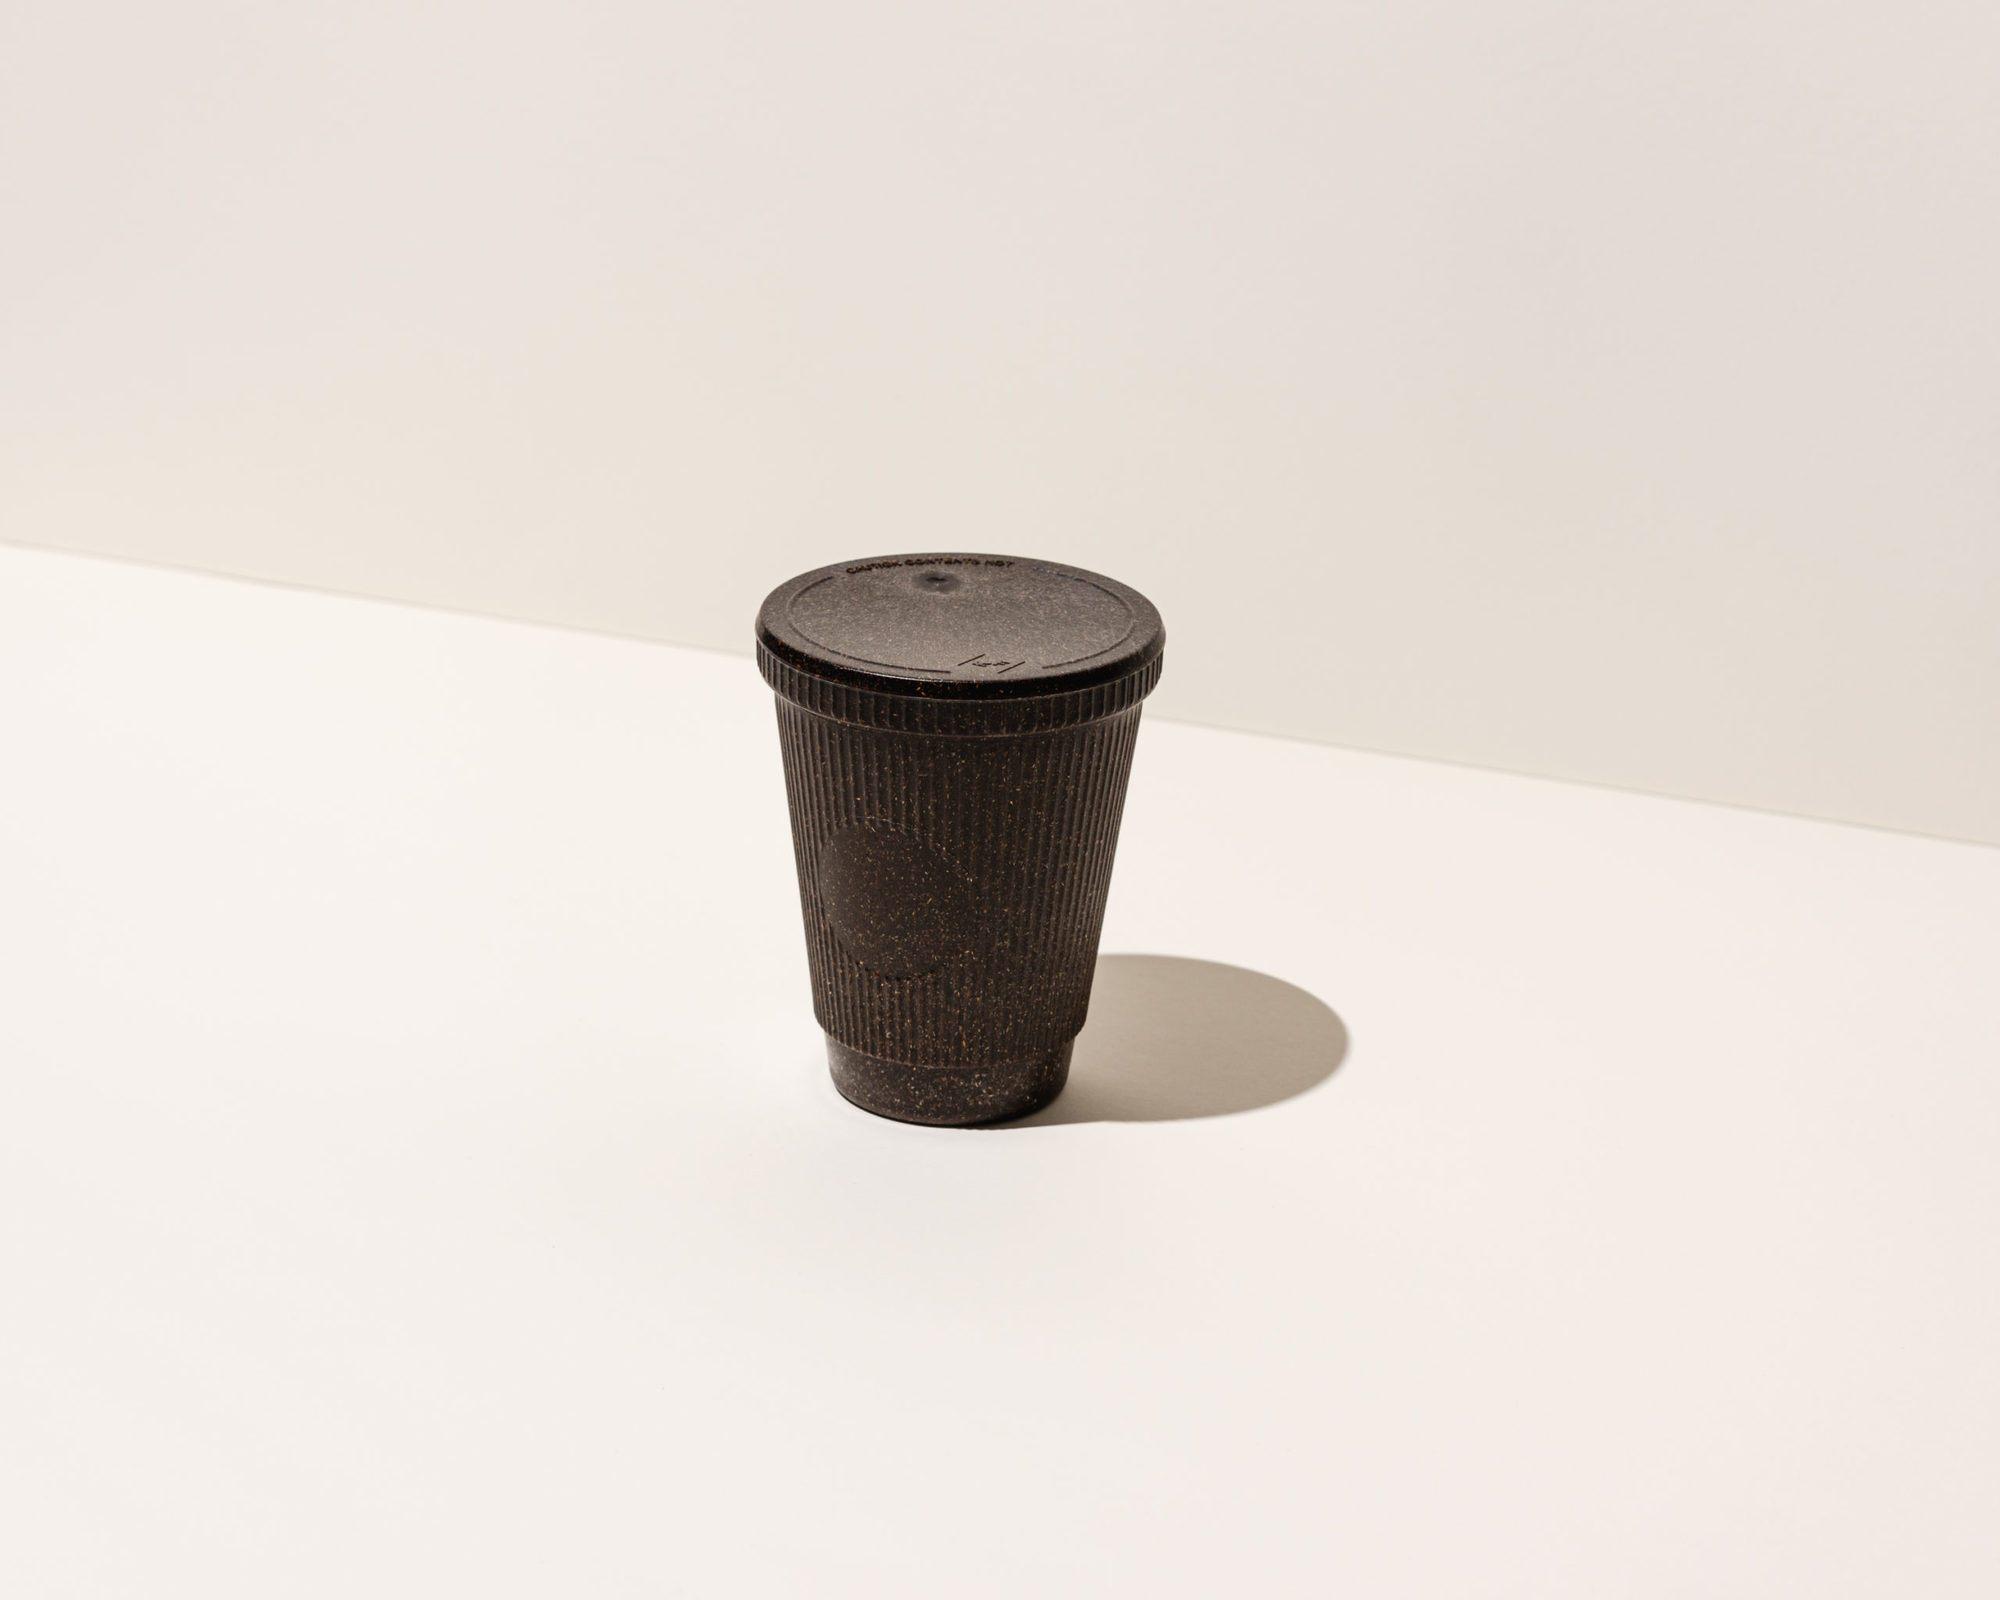 Kaffeeform Weducer Cup mit dem Weducer Cap